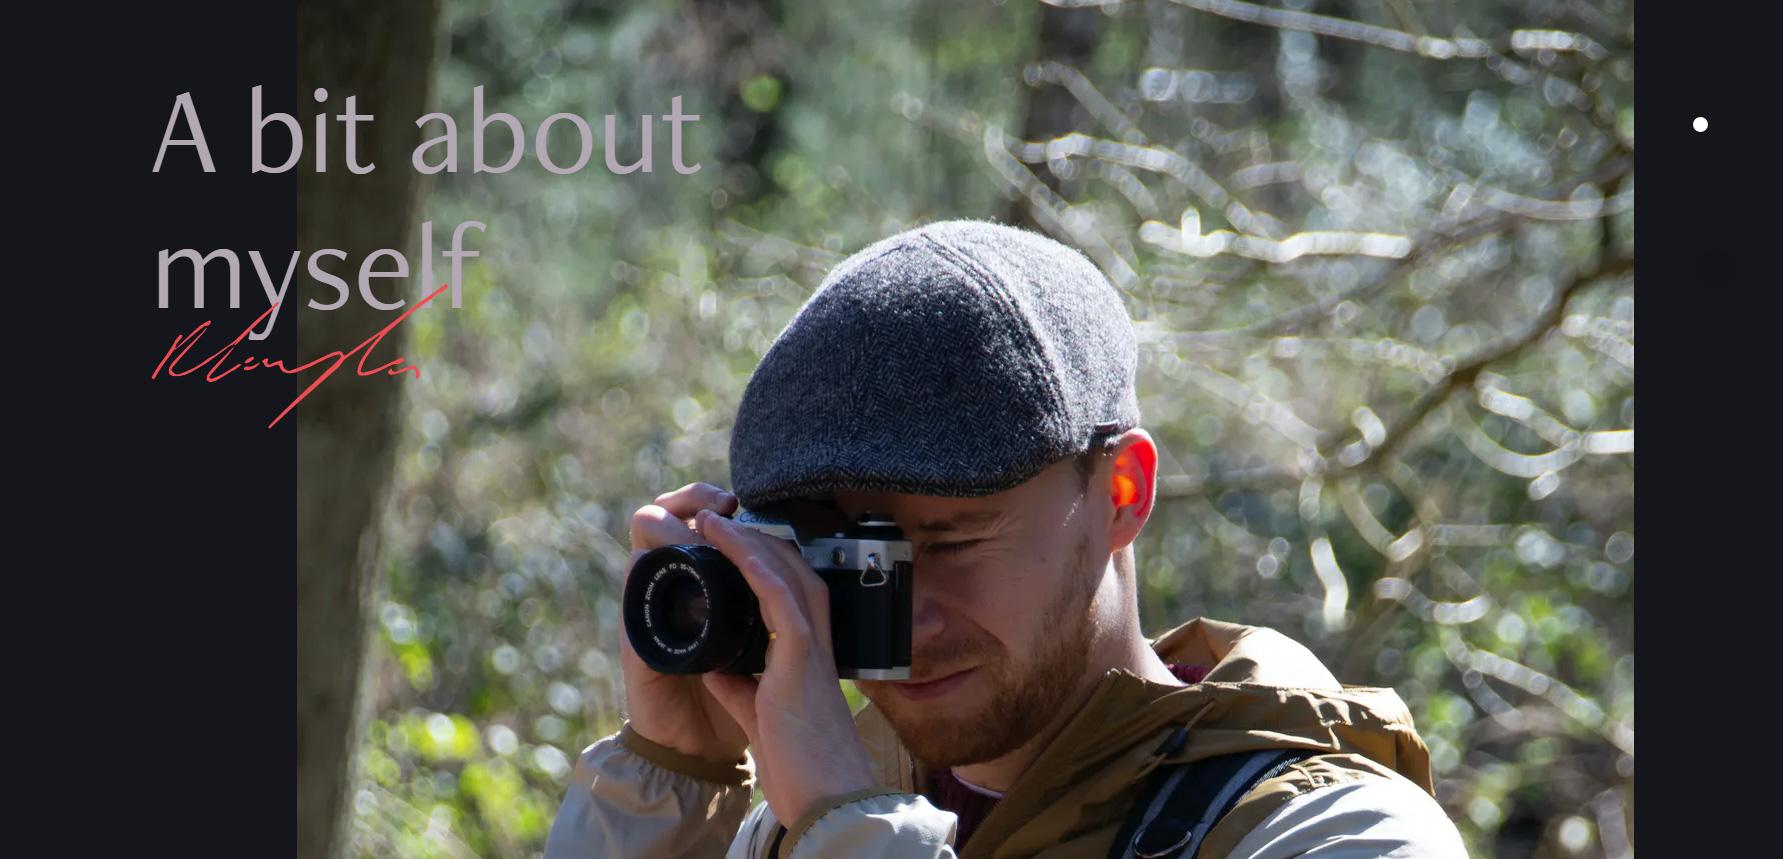 Ruud Luijten Photography - Website of the Day